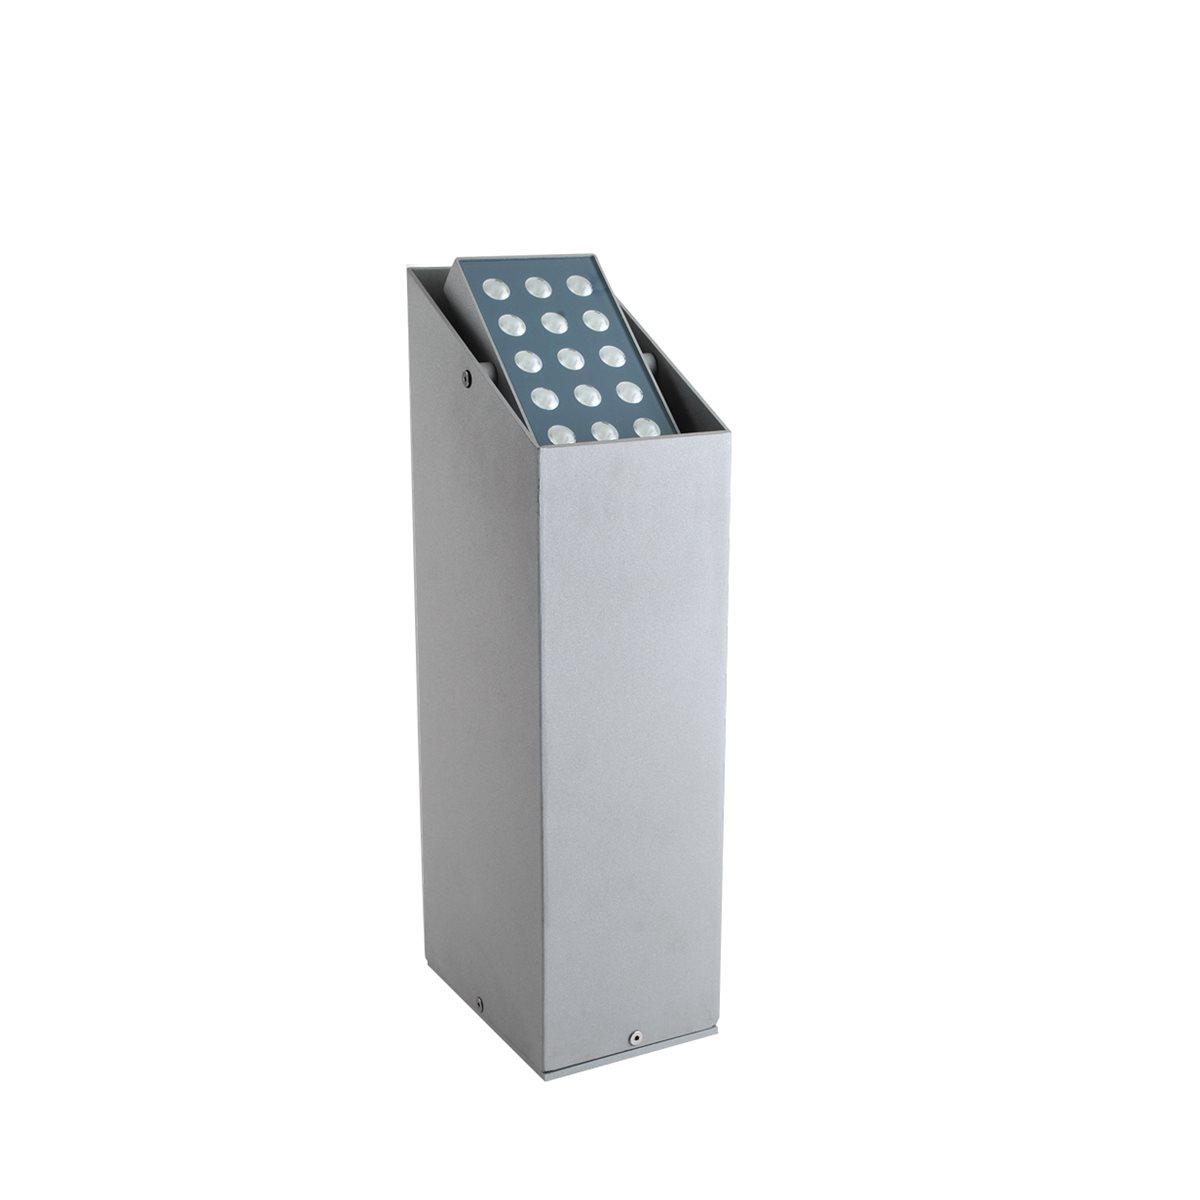 Lampenlux LED Aussenleuchte Idu Gartenlampe Wegeleuchte Eckig Terasse 15W 230V